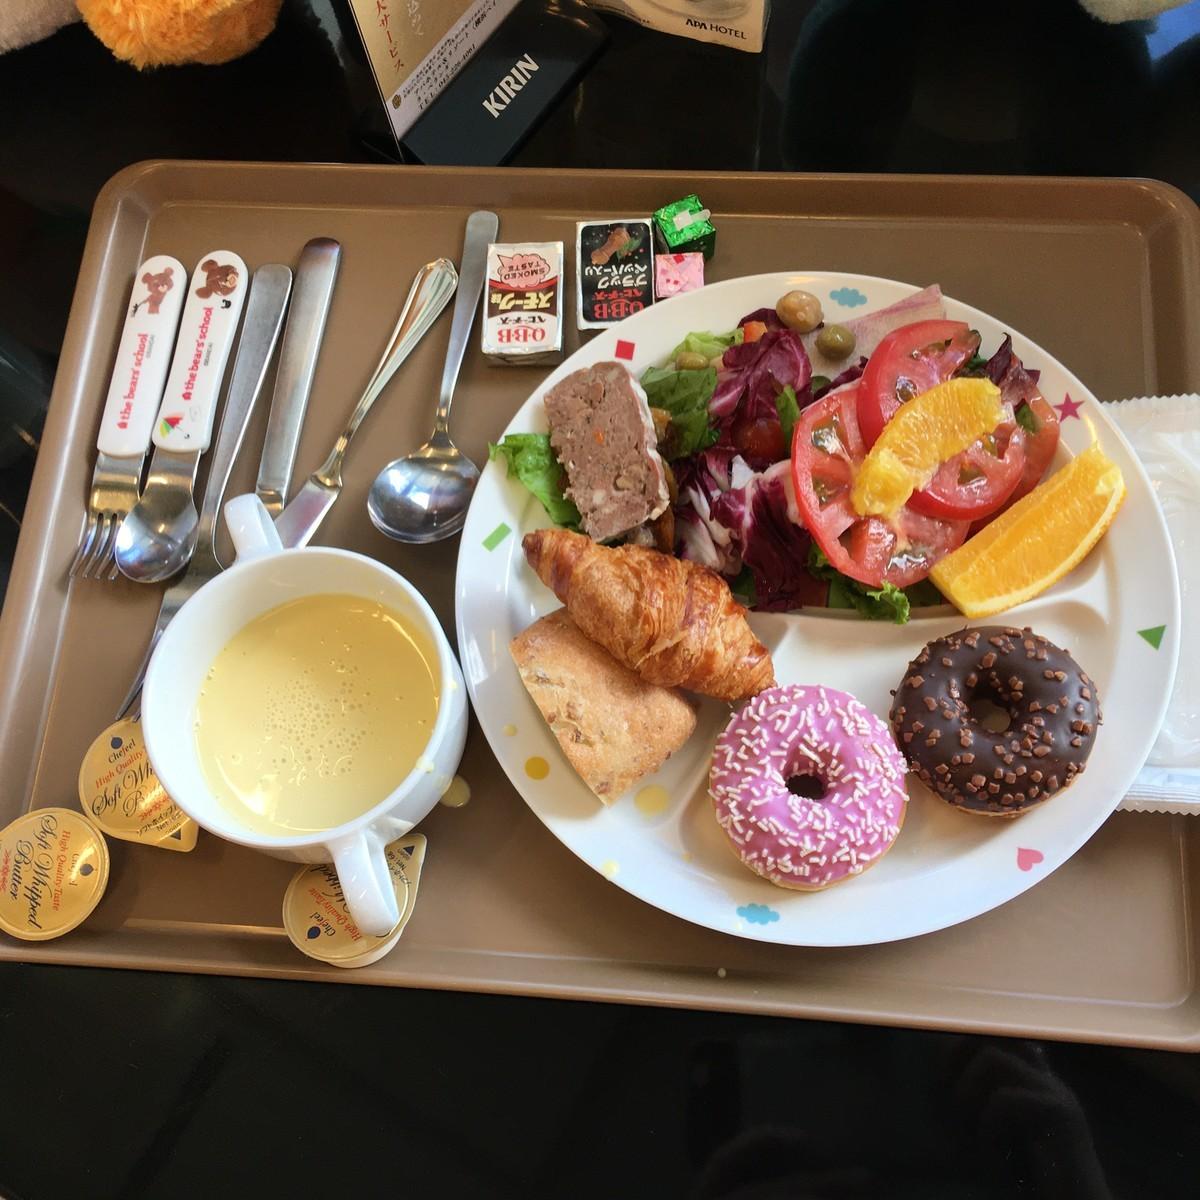 朝食はビュッフェバイキング形式